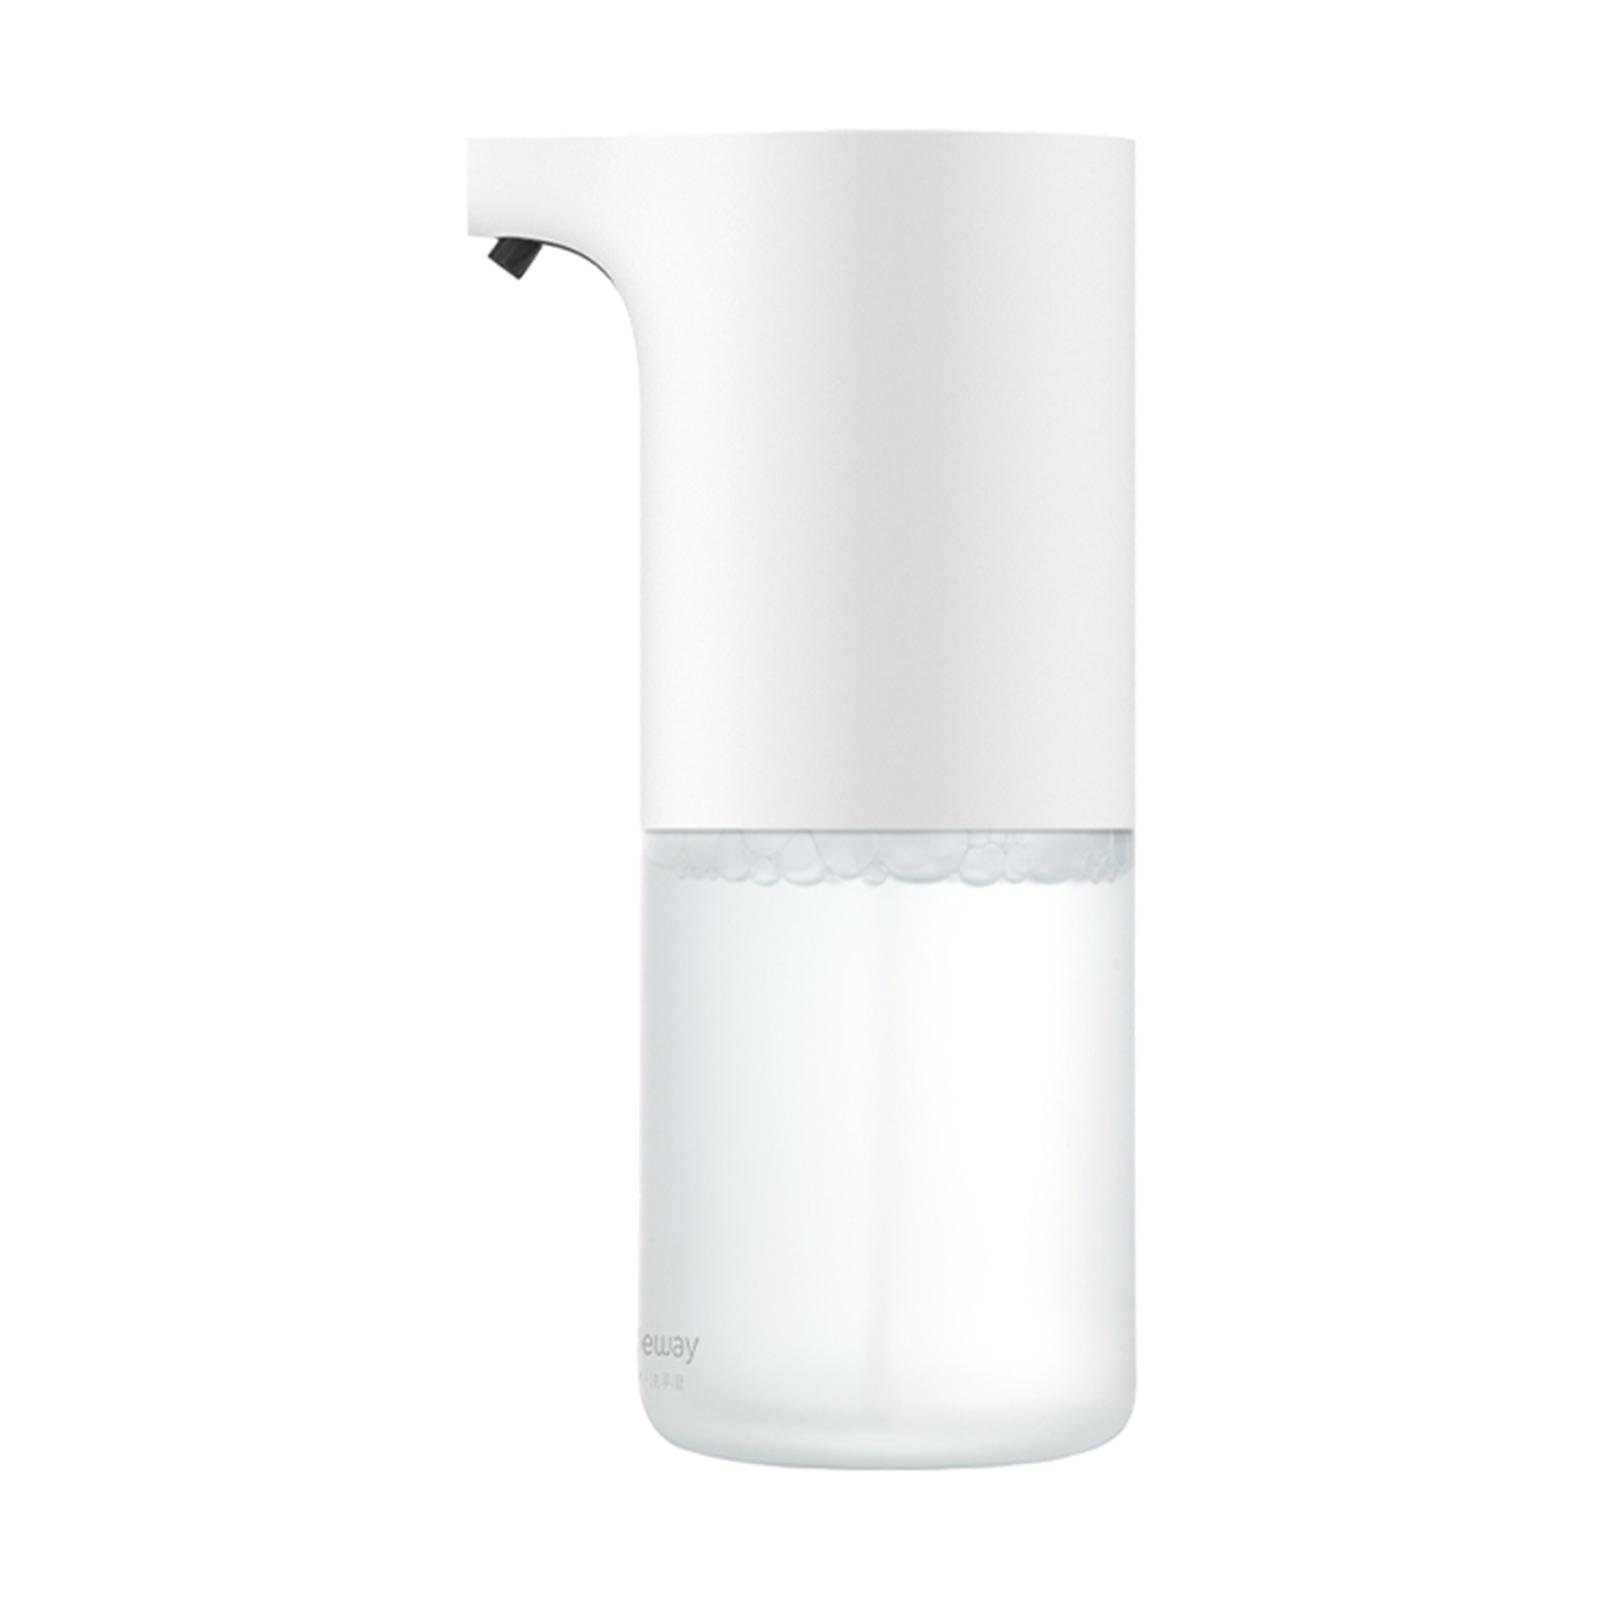 Mi Automatic Foaming Soap Dispenser